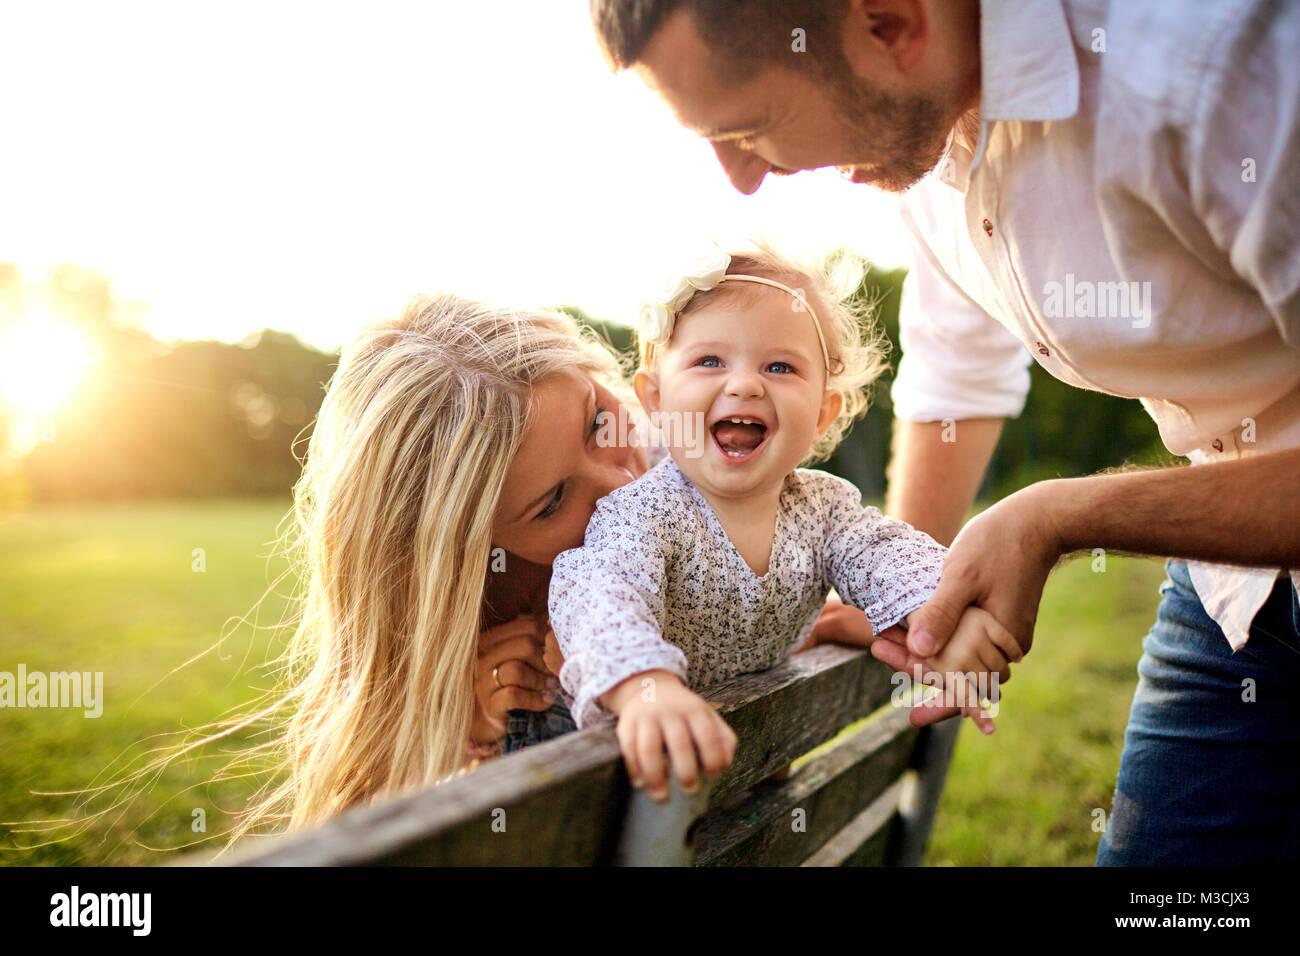 Famille heureuse dans un parc en été, en automne. Photo Stock